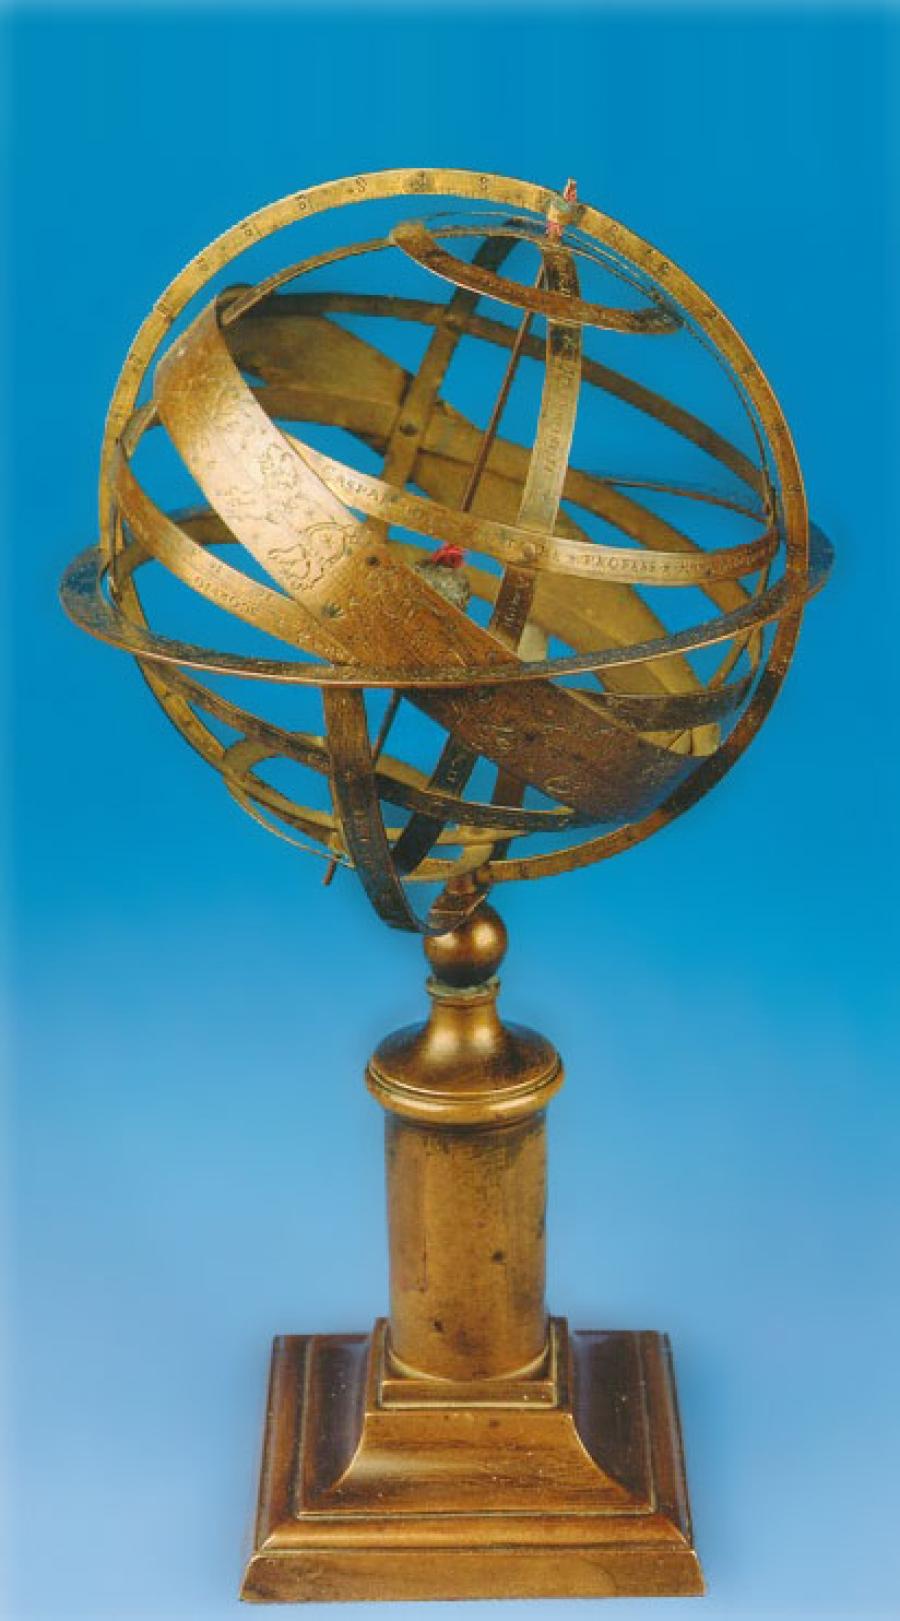 Die Medebacher Armillarsphäre - ein Modell des Himmels mit der Erde im Mittelpunkt - schuf Caspar Vopelius 1546.